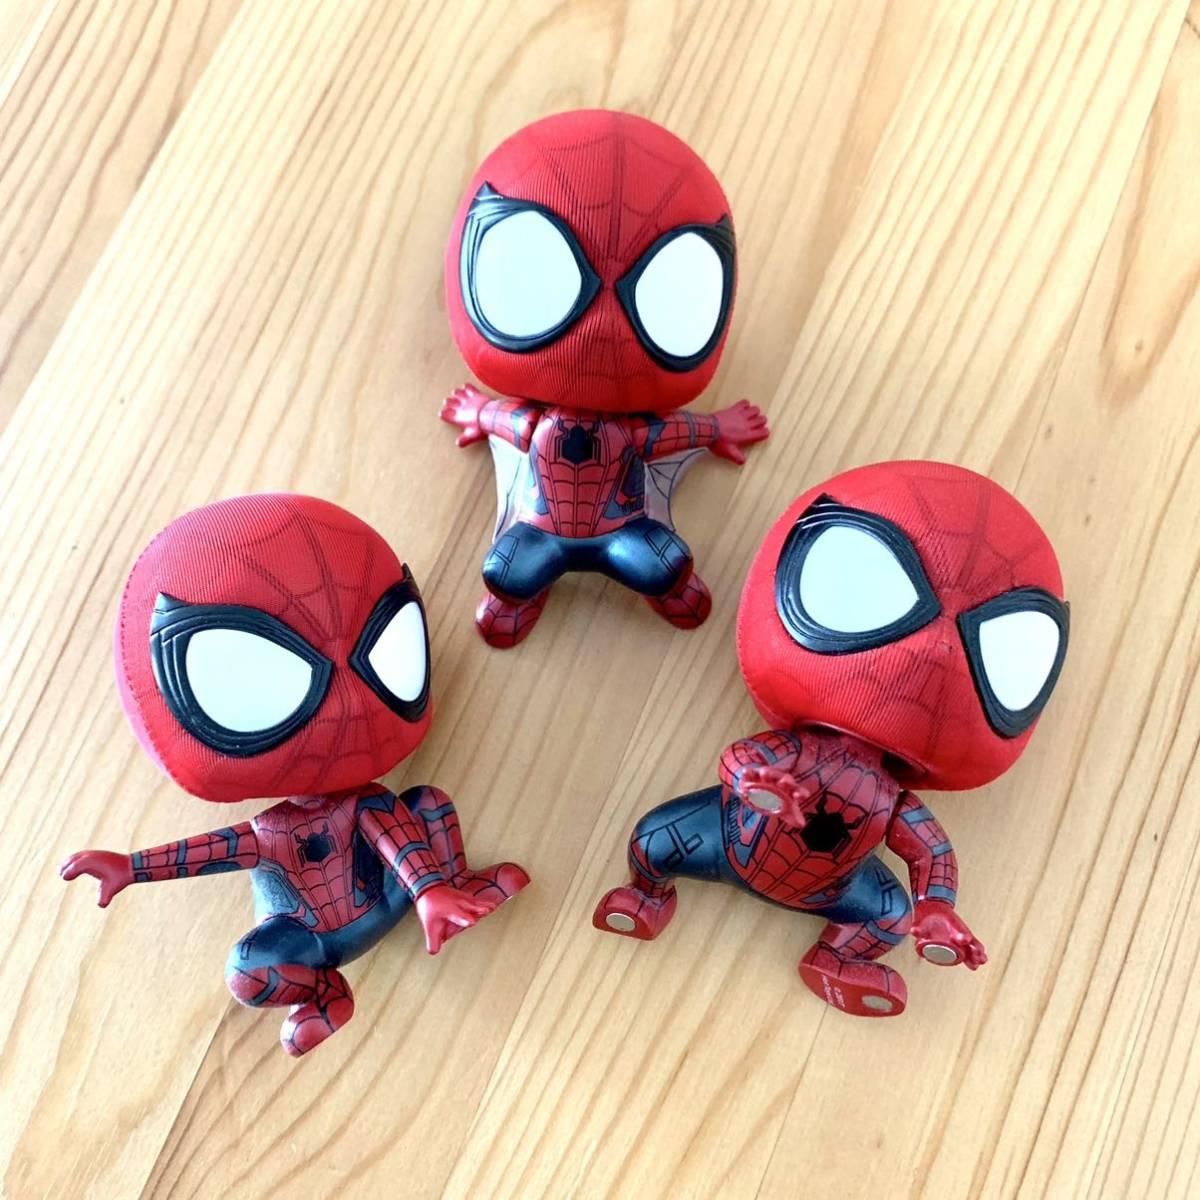 スパイダーマン ワンピース でんでん虫 ルパン三世 峰不二子 タコ フィギュア おもちゃ_画像2